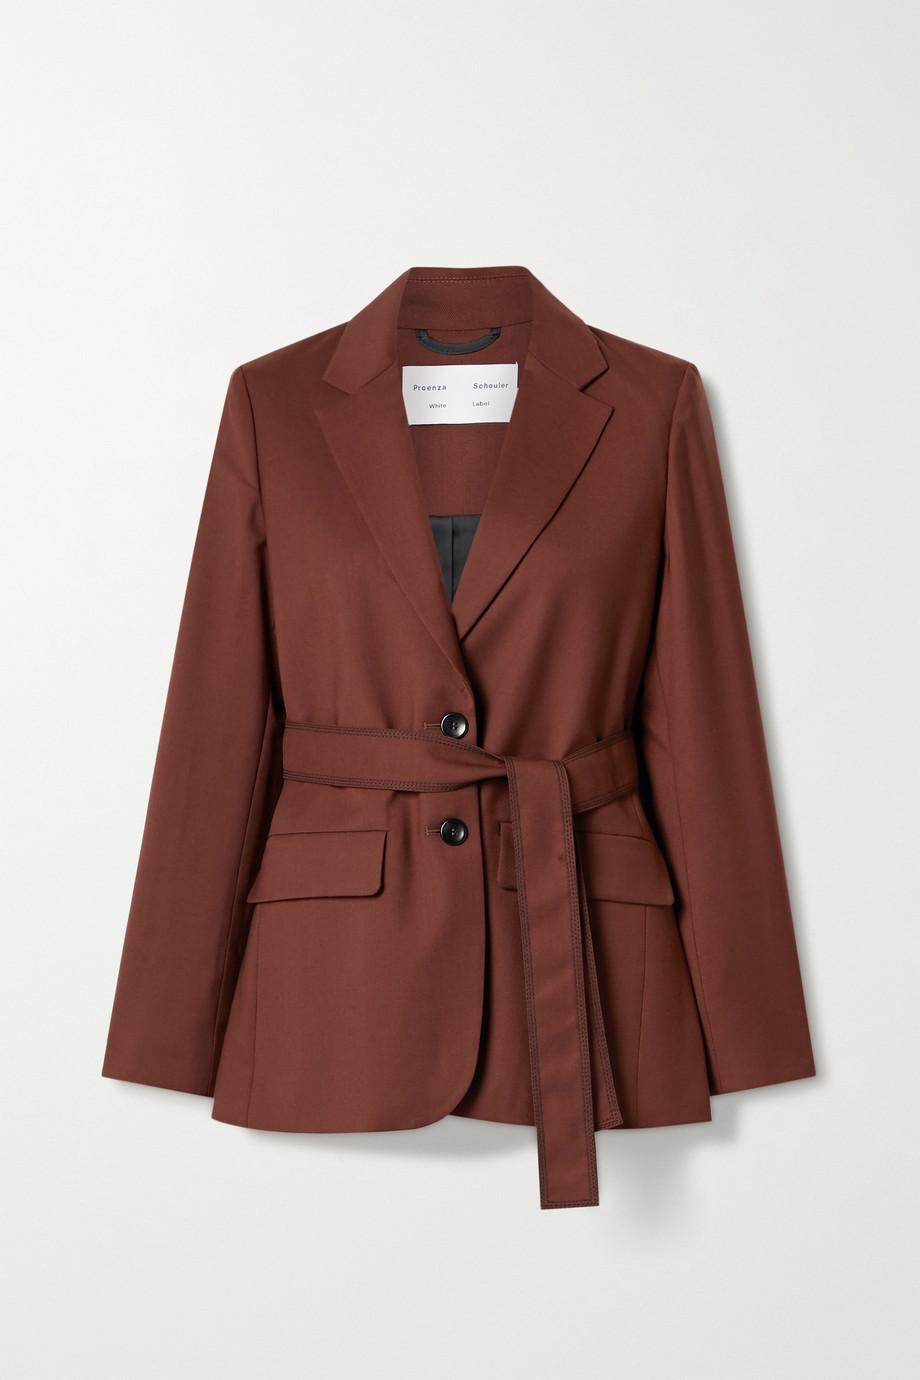 Proenza Schouler White Label Belted twill blazer